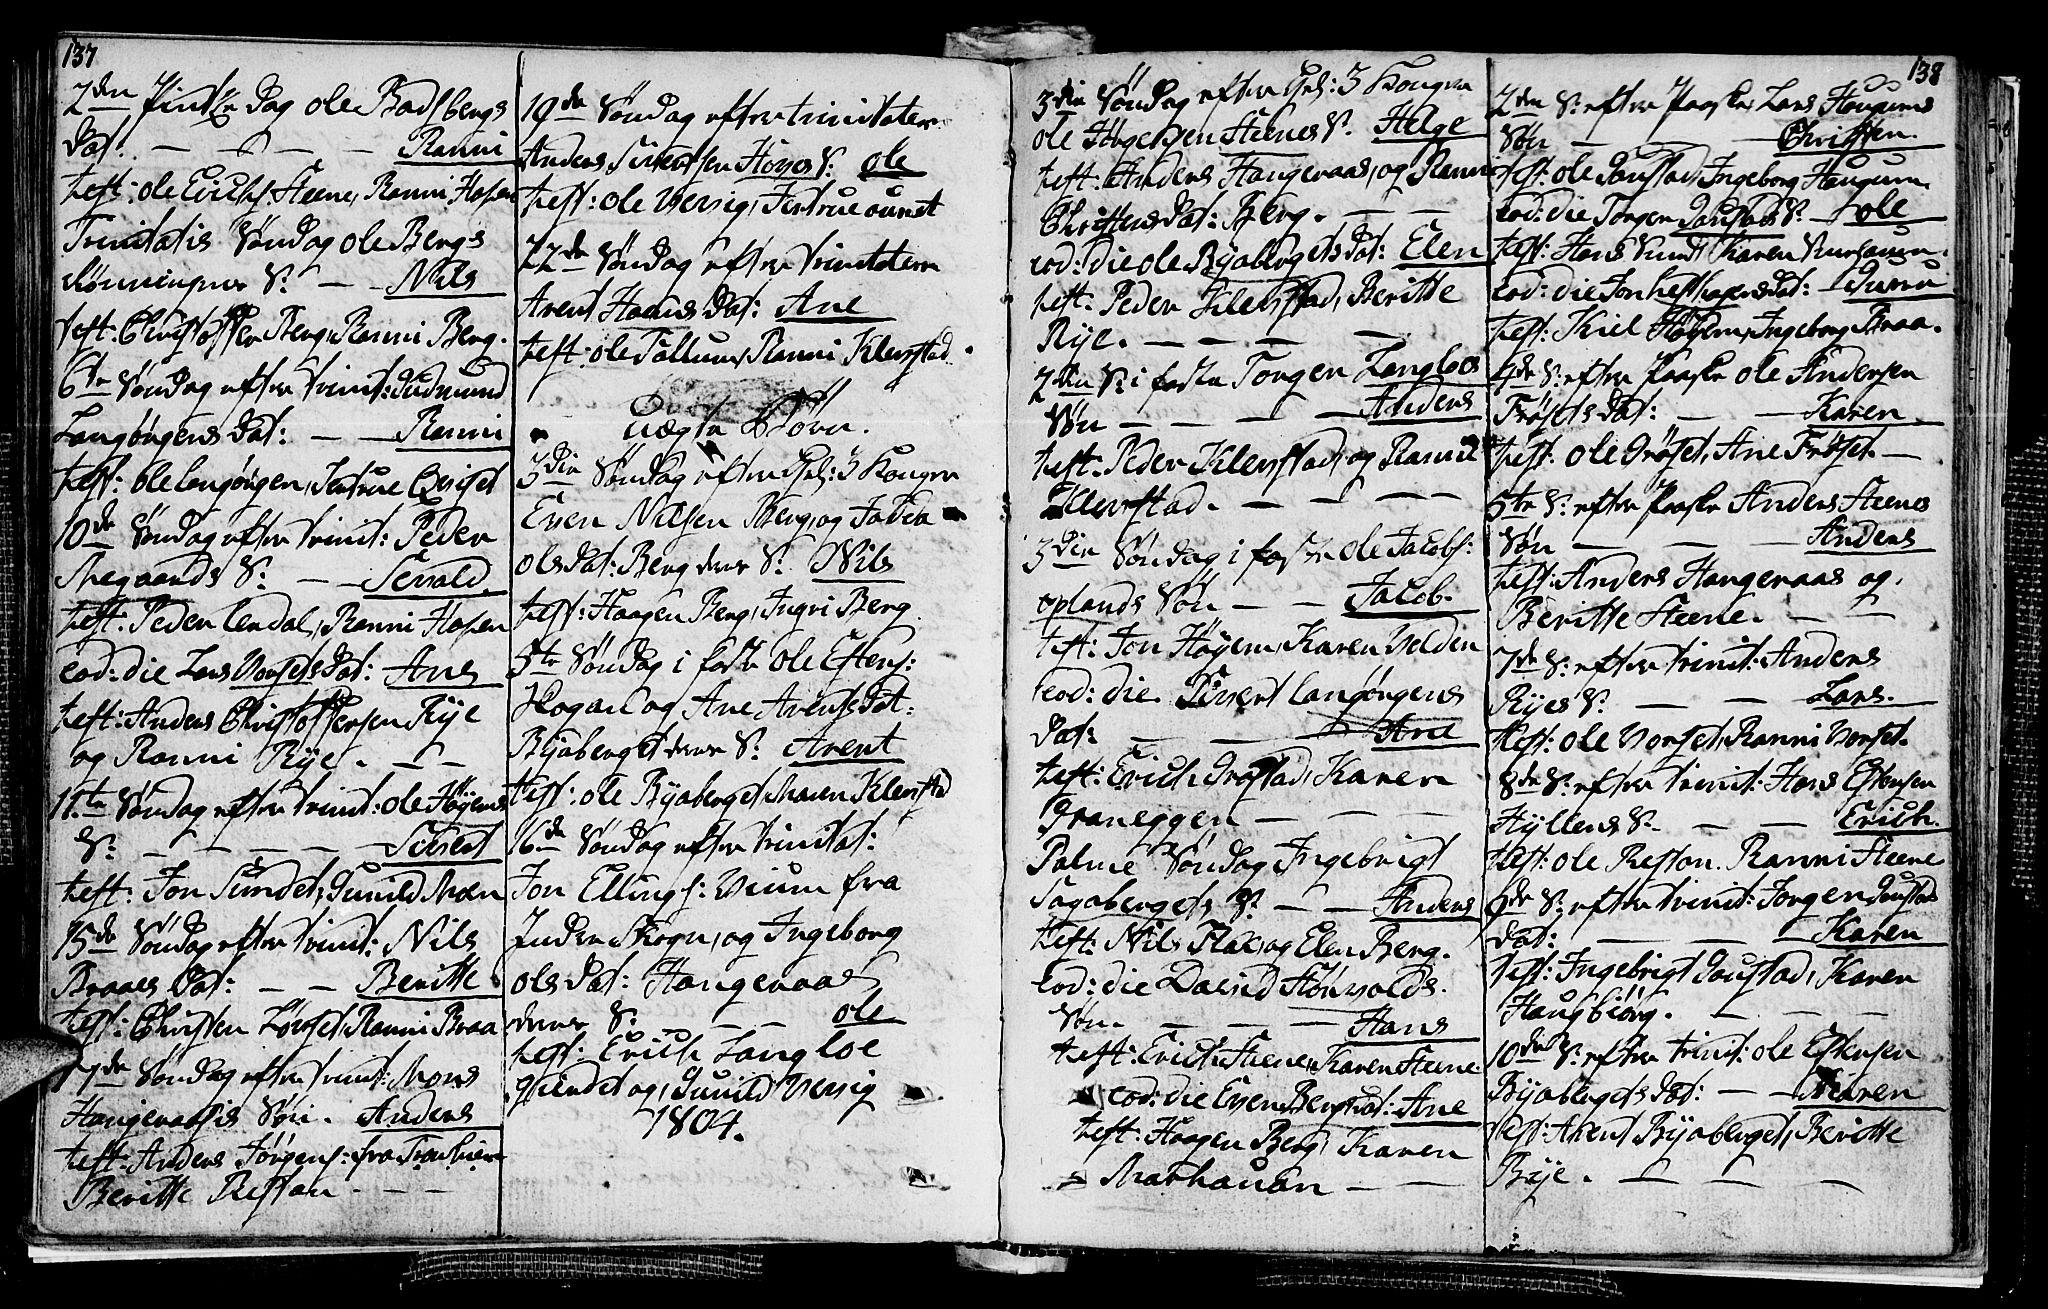 SAT, Ministerialprotokoller, klokkerbøker og fødselsregistre - Sør-Trøndelag, 612/L0371: Ministerialbok nr. 612A05, 1803-1816, s. 137-138